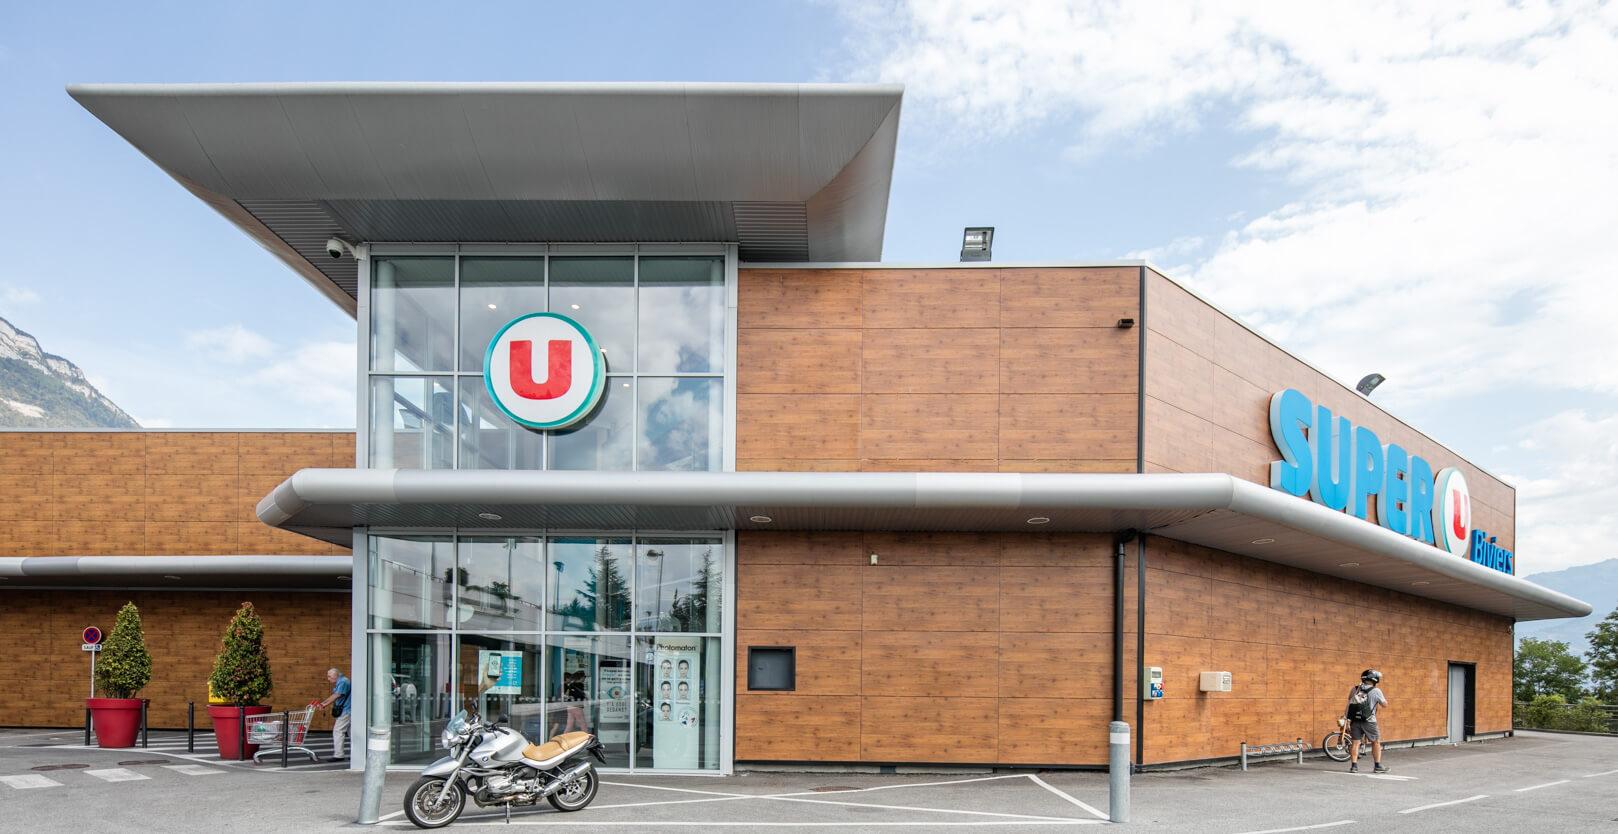 Drive BIVIERS - Livraison courses à domicile Super U Biviers